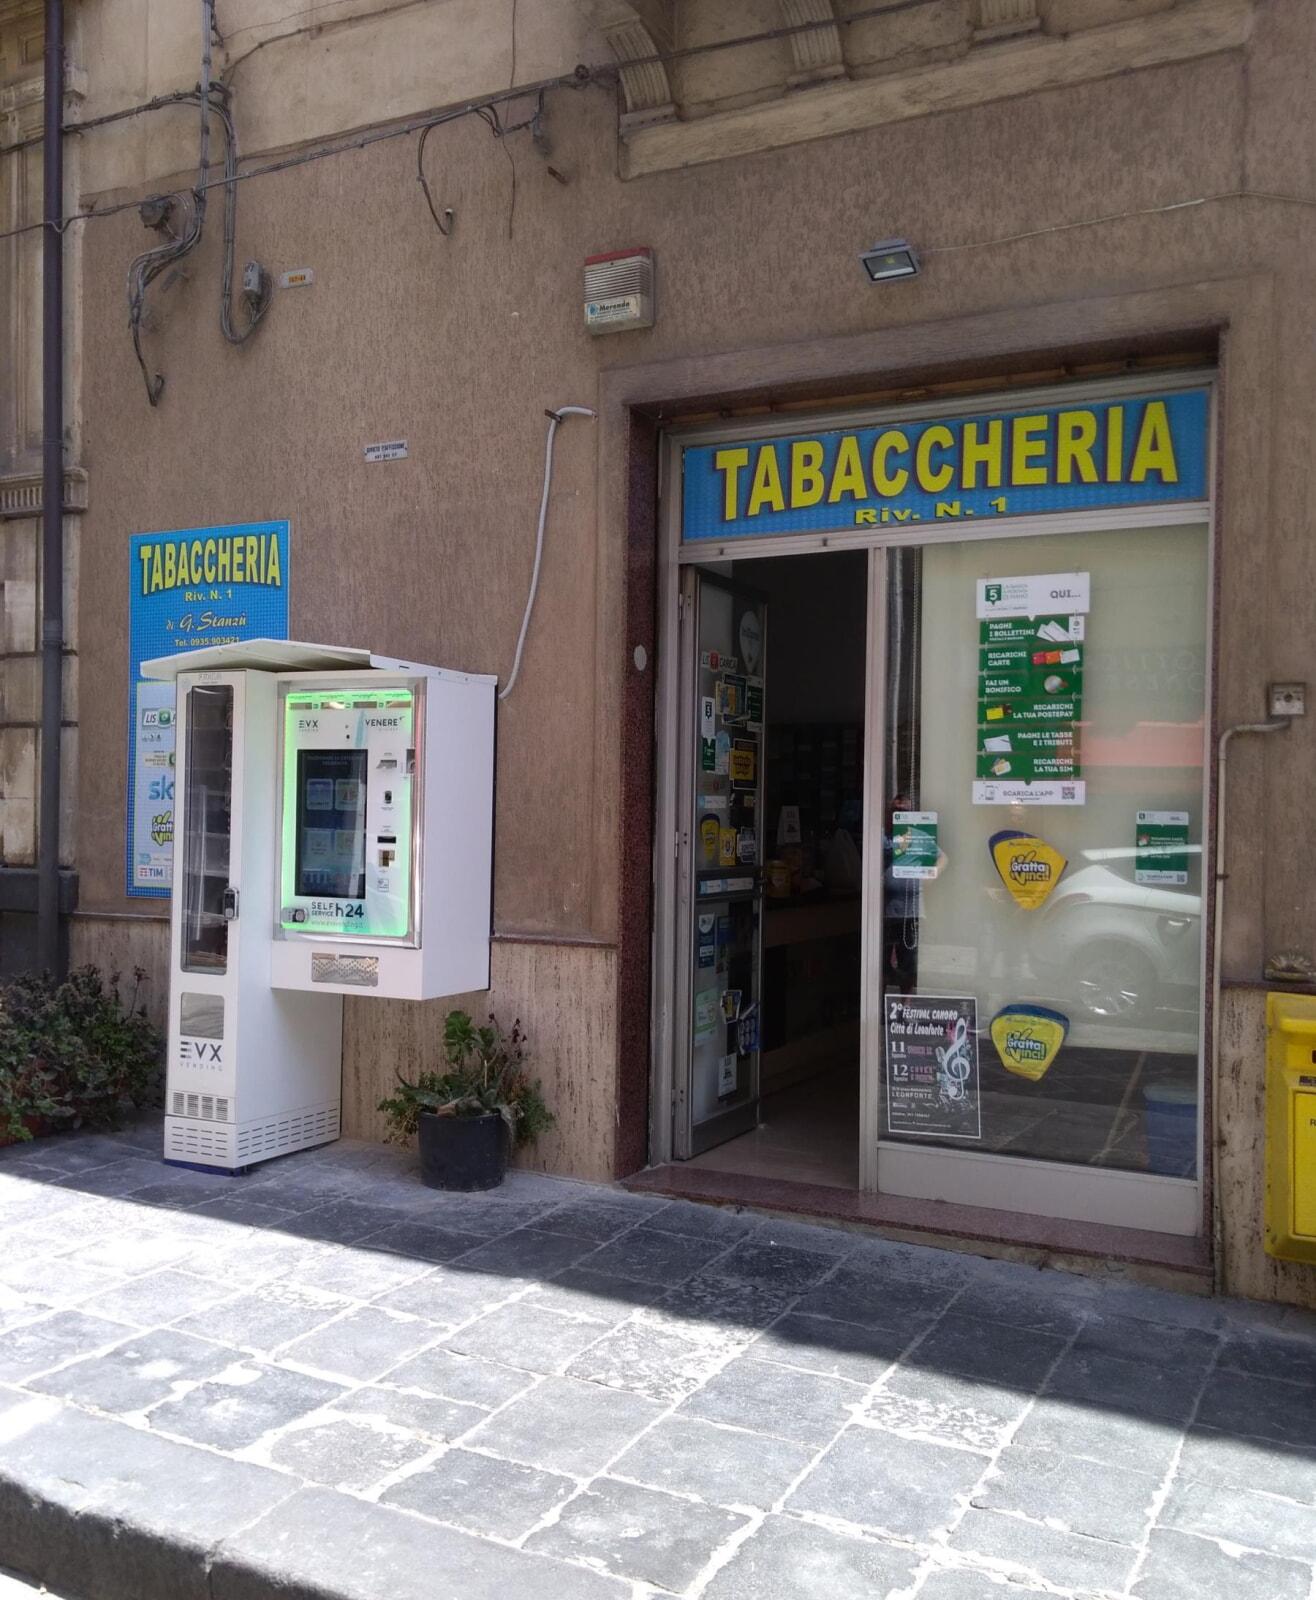 distributore-automatico-sigarette-evx-venere_+plus (5)